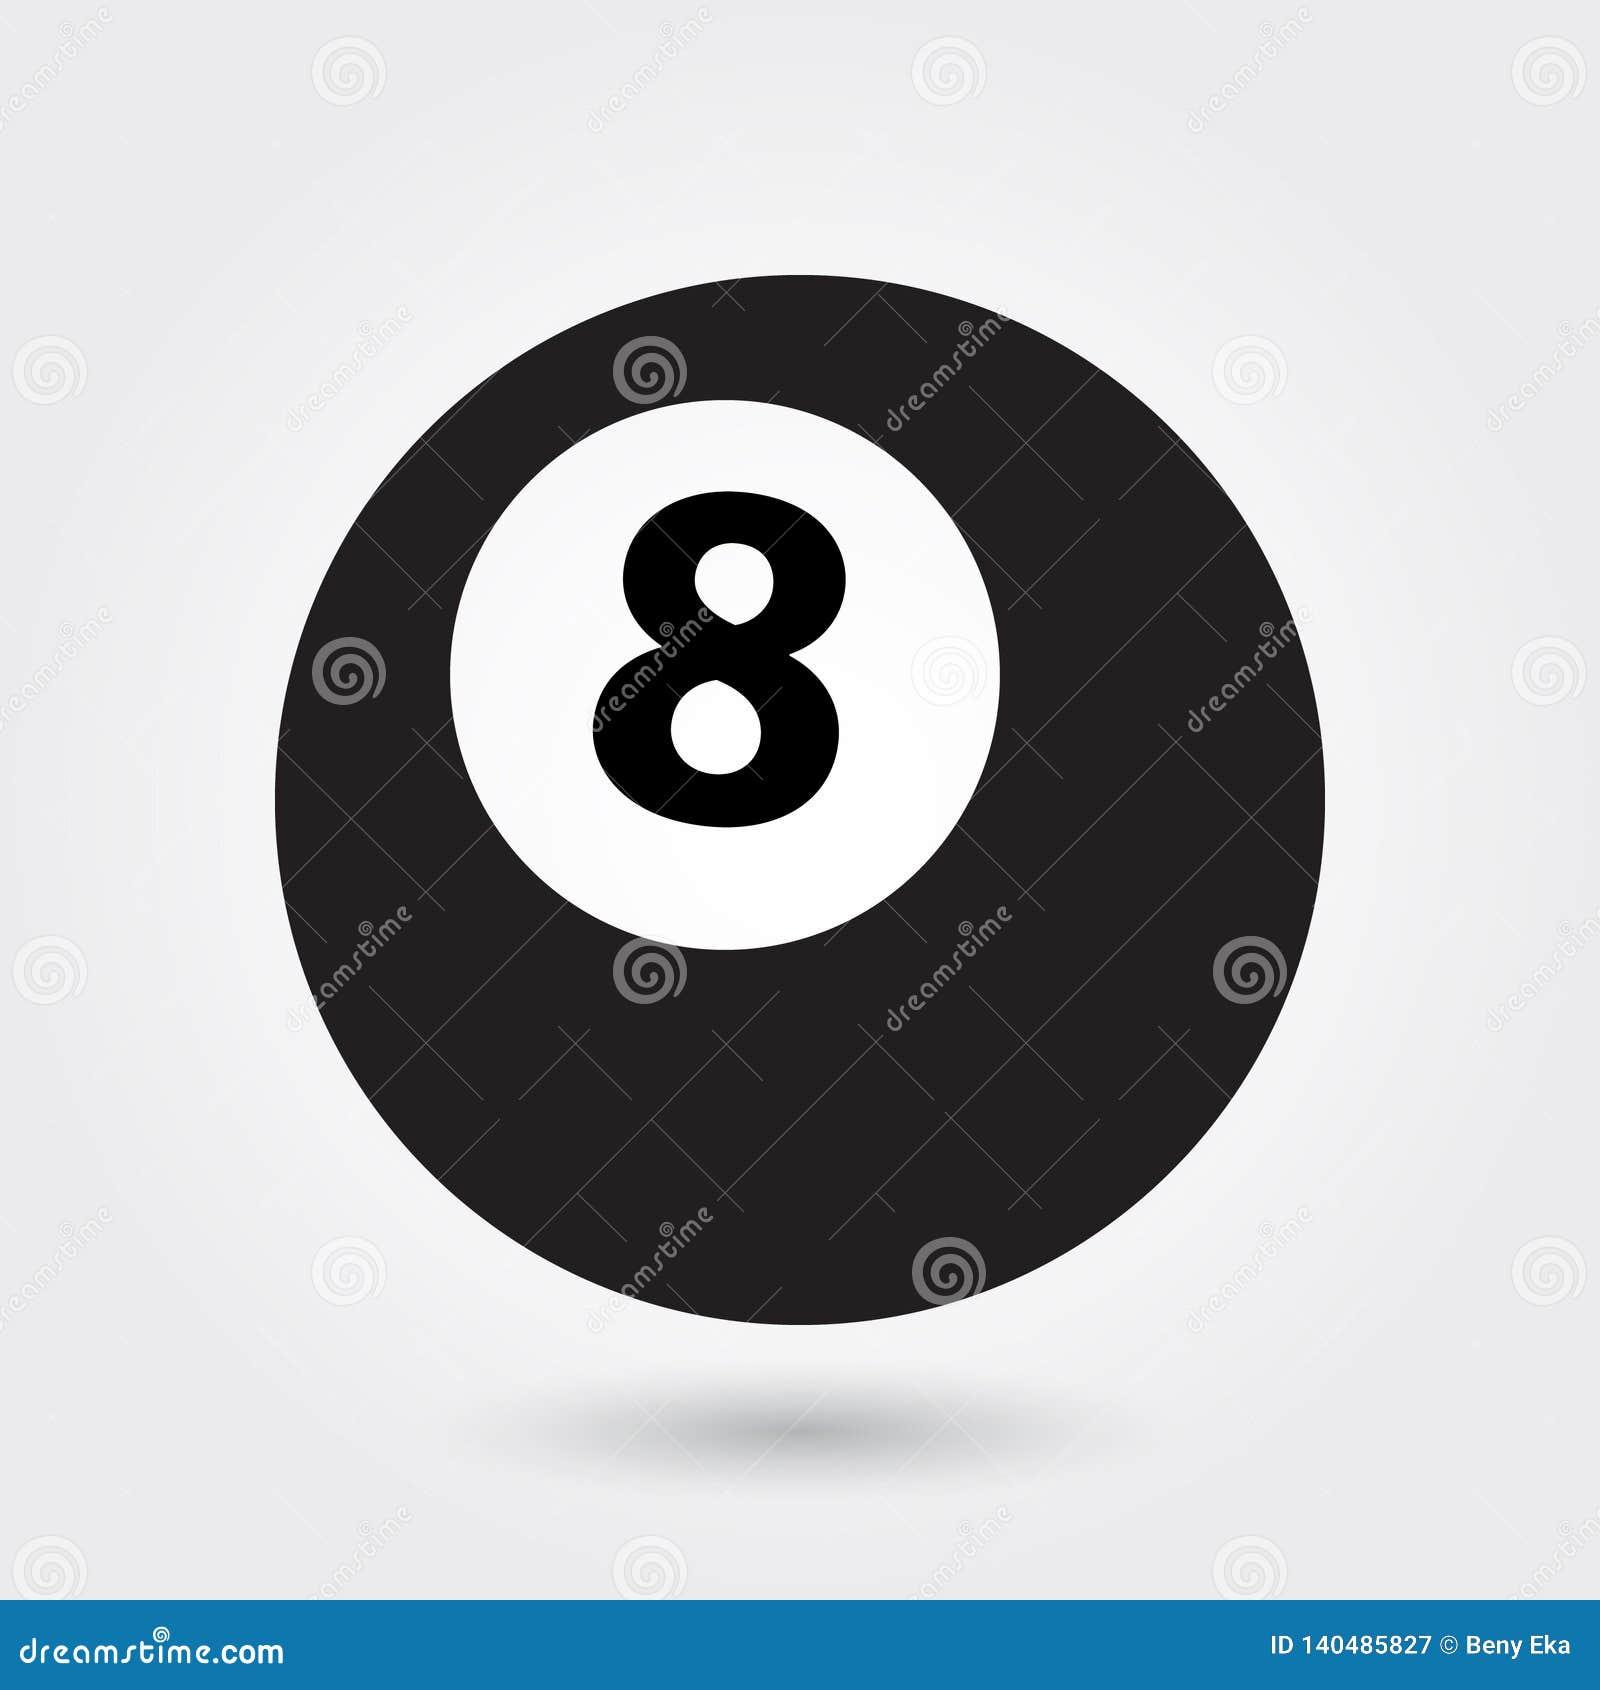 Διανυσματικό εικονίδιο μπιλιάρδου, εικονίδιο 8 σφαιρών, σύμβολο αθλητικών σφαιρών Σύγχρονο, απλό glyph, στερεά διανυσματική απεικ